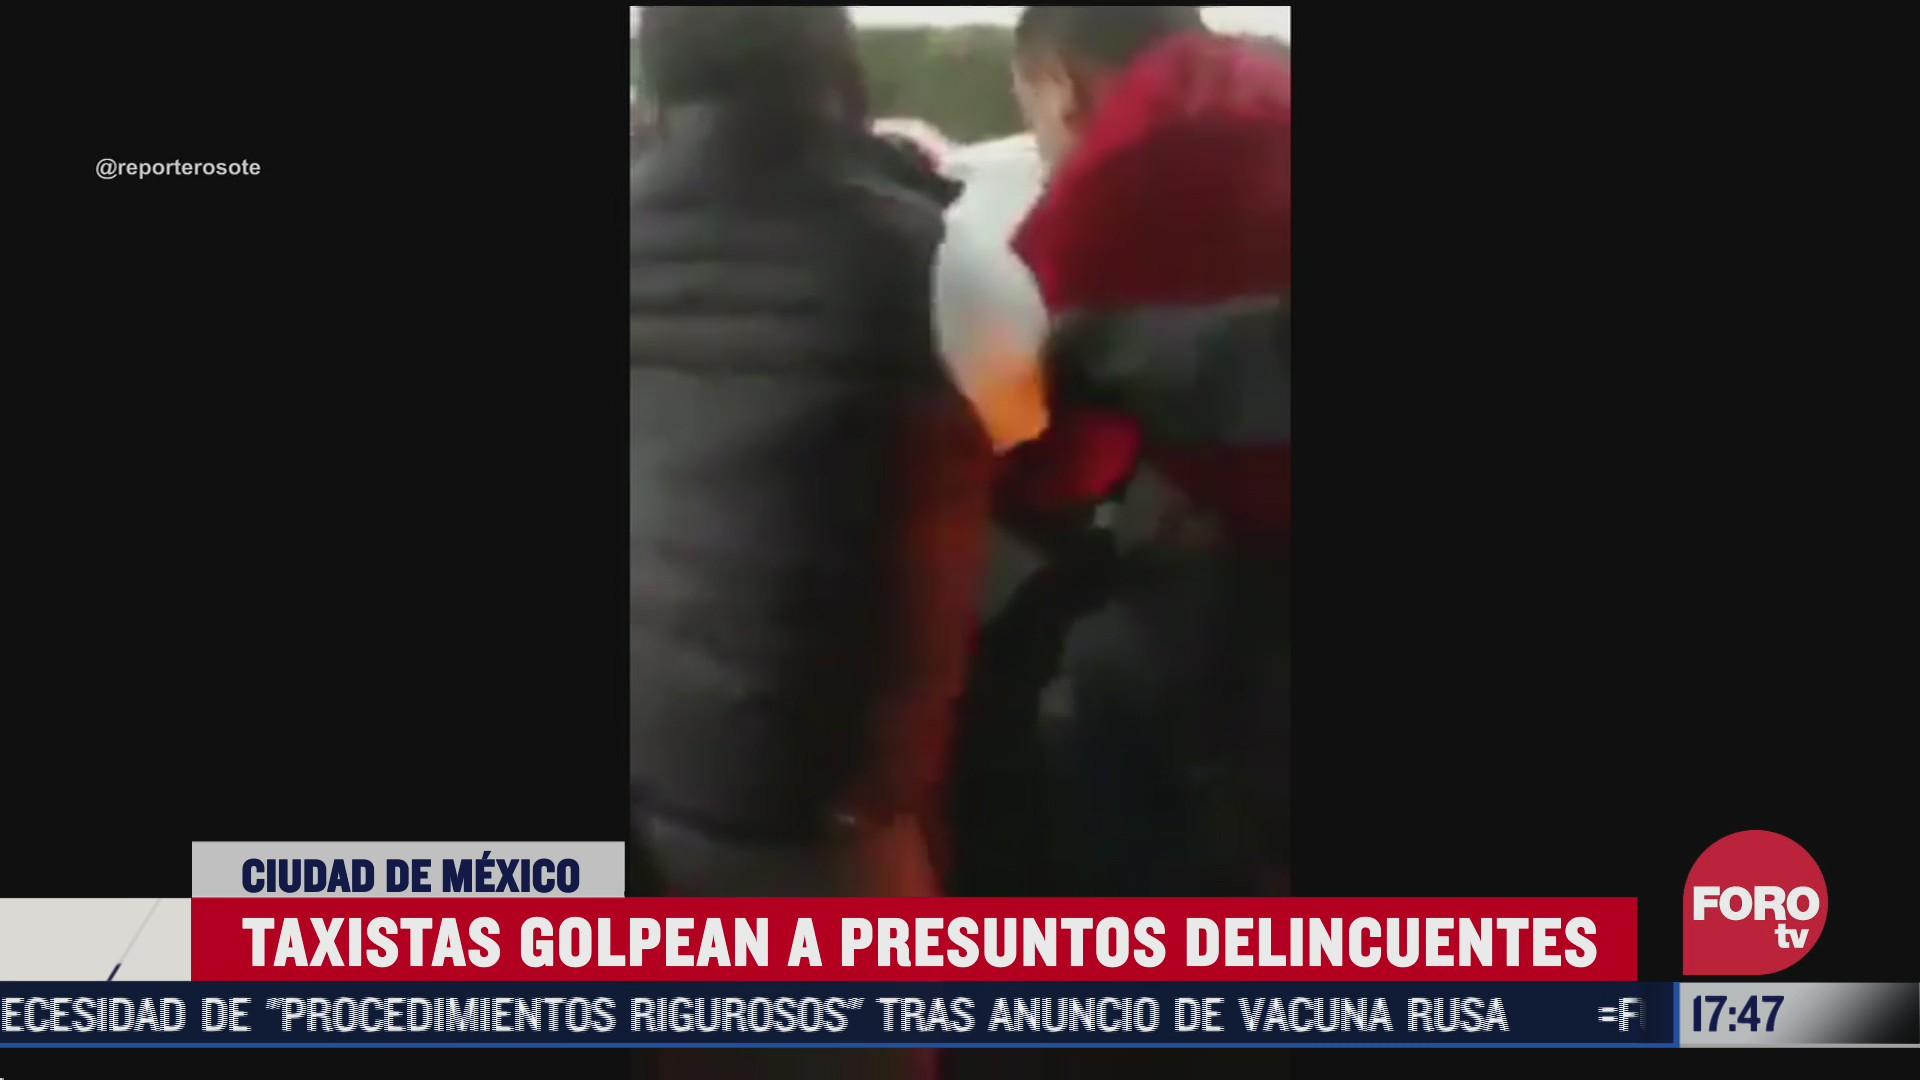 taxistas de cdmx golpean a presunto delincuente